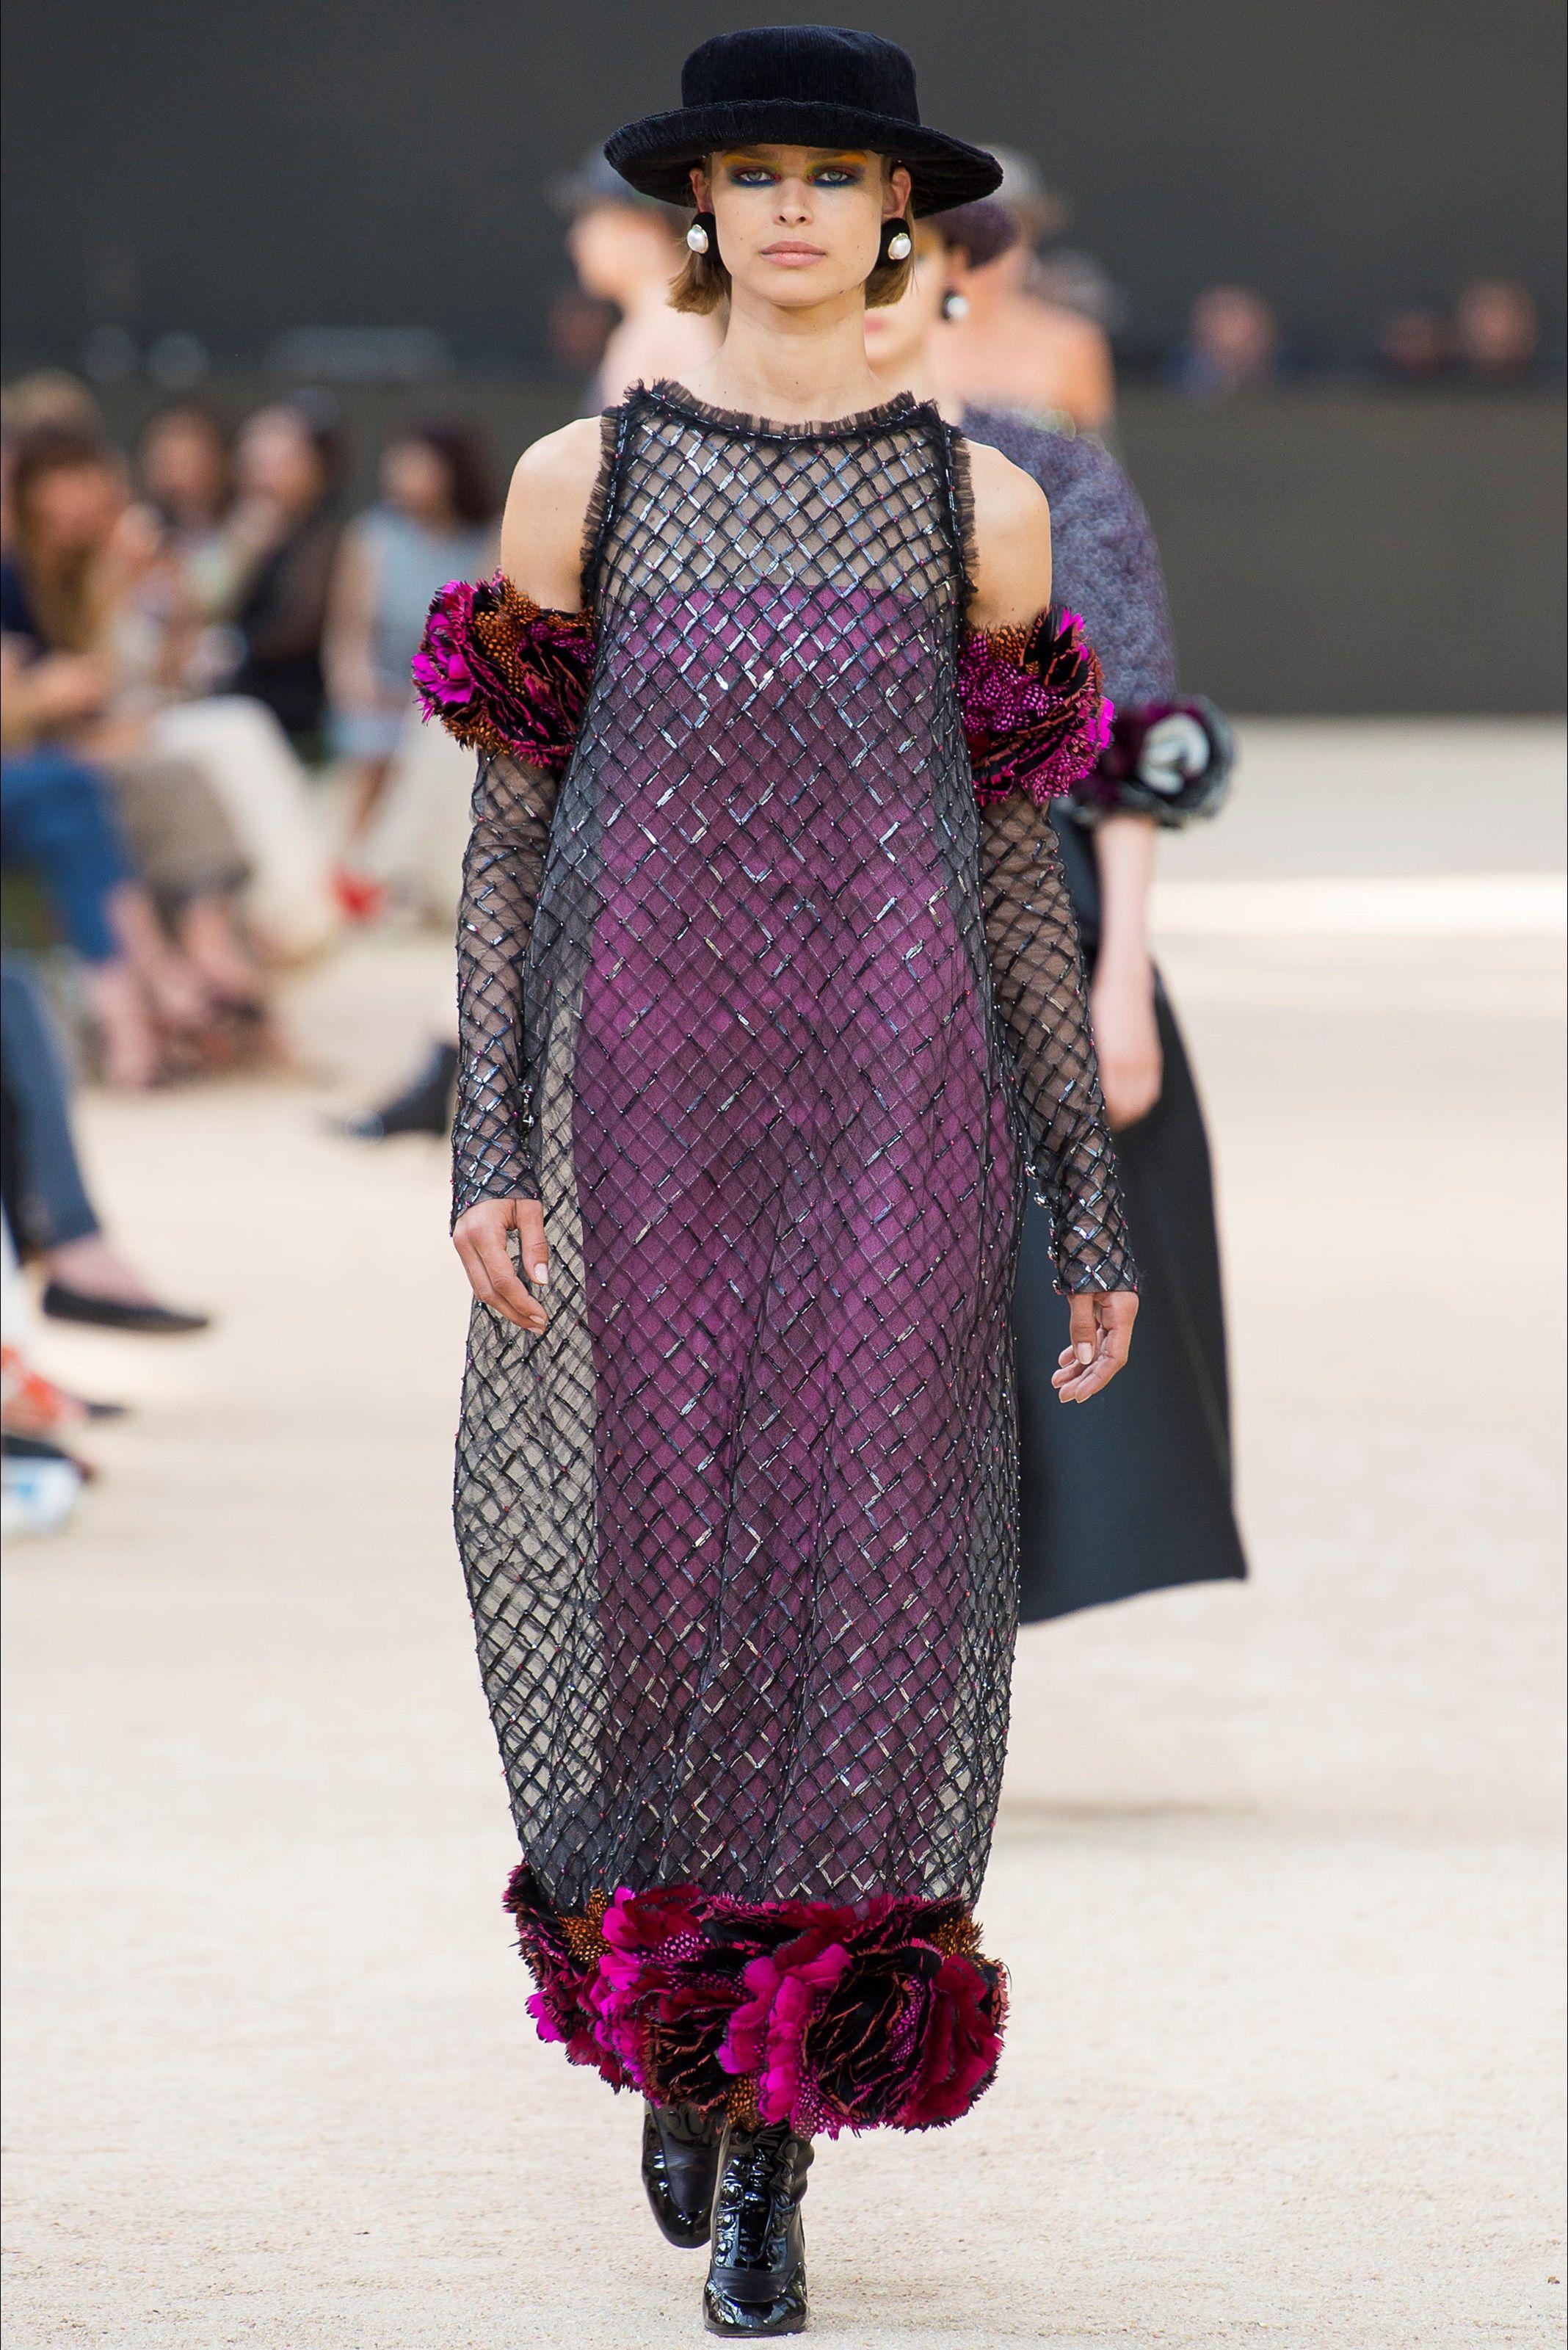 guarda la sfilata di moda chanel a parigi e scopri la collezione di rh pinterest com